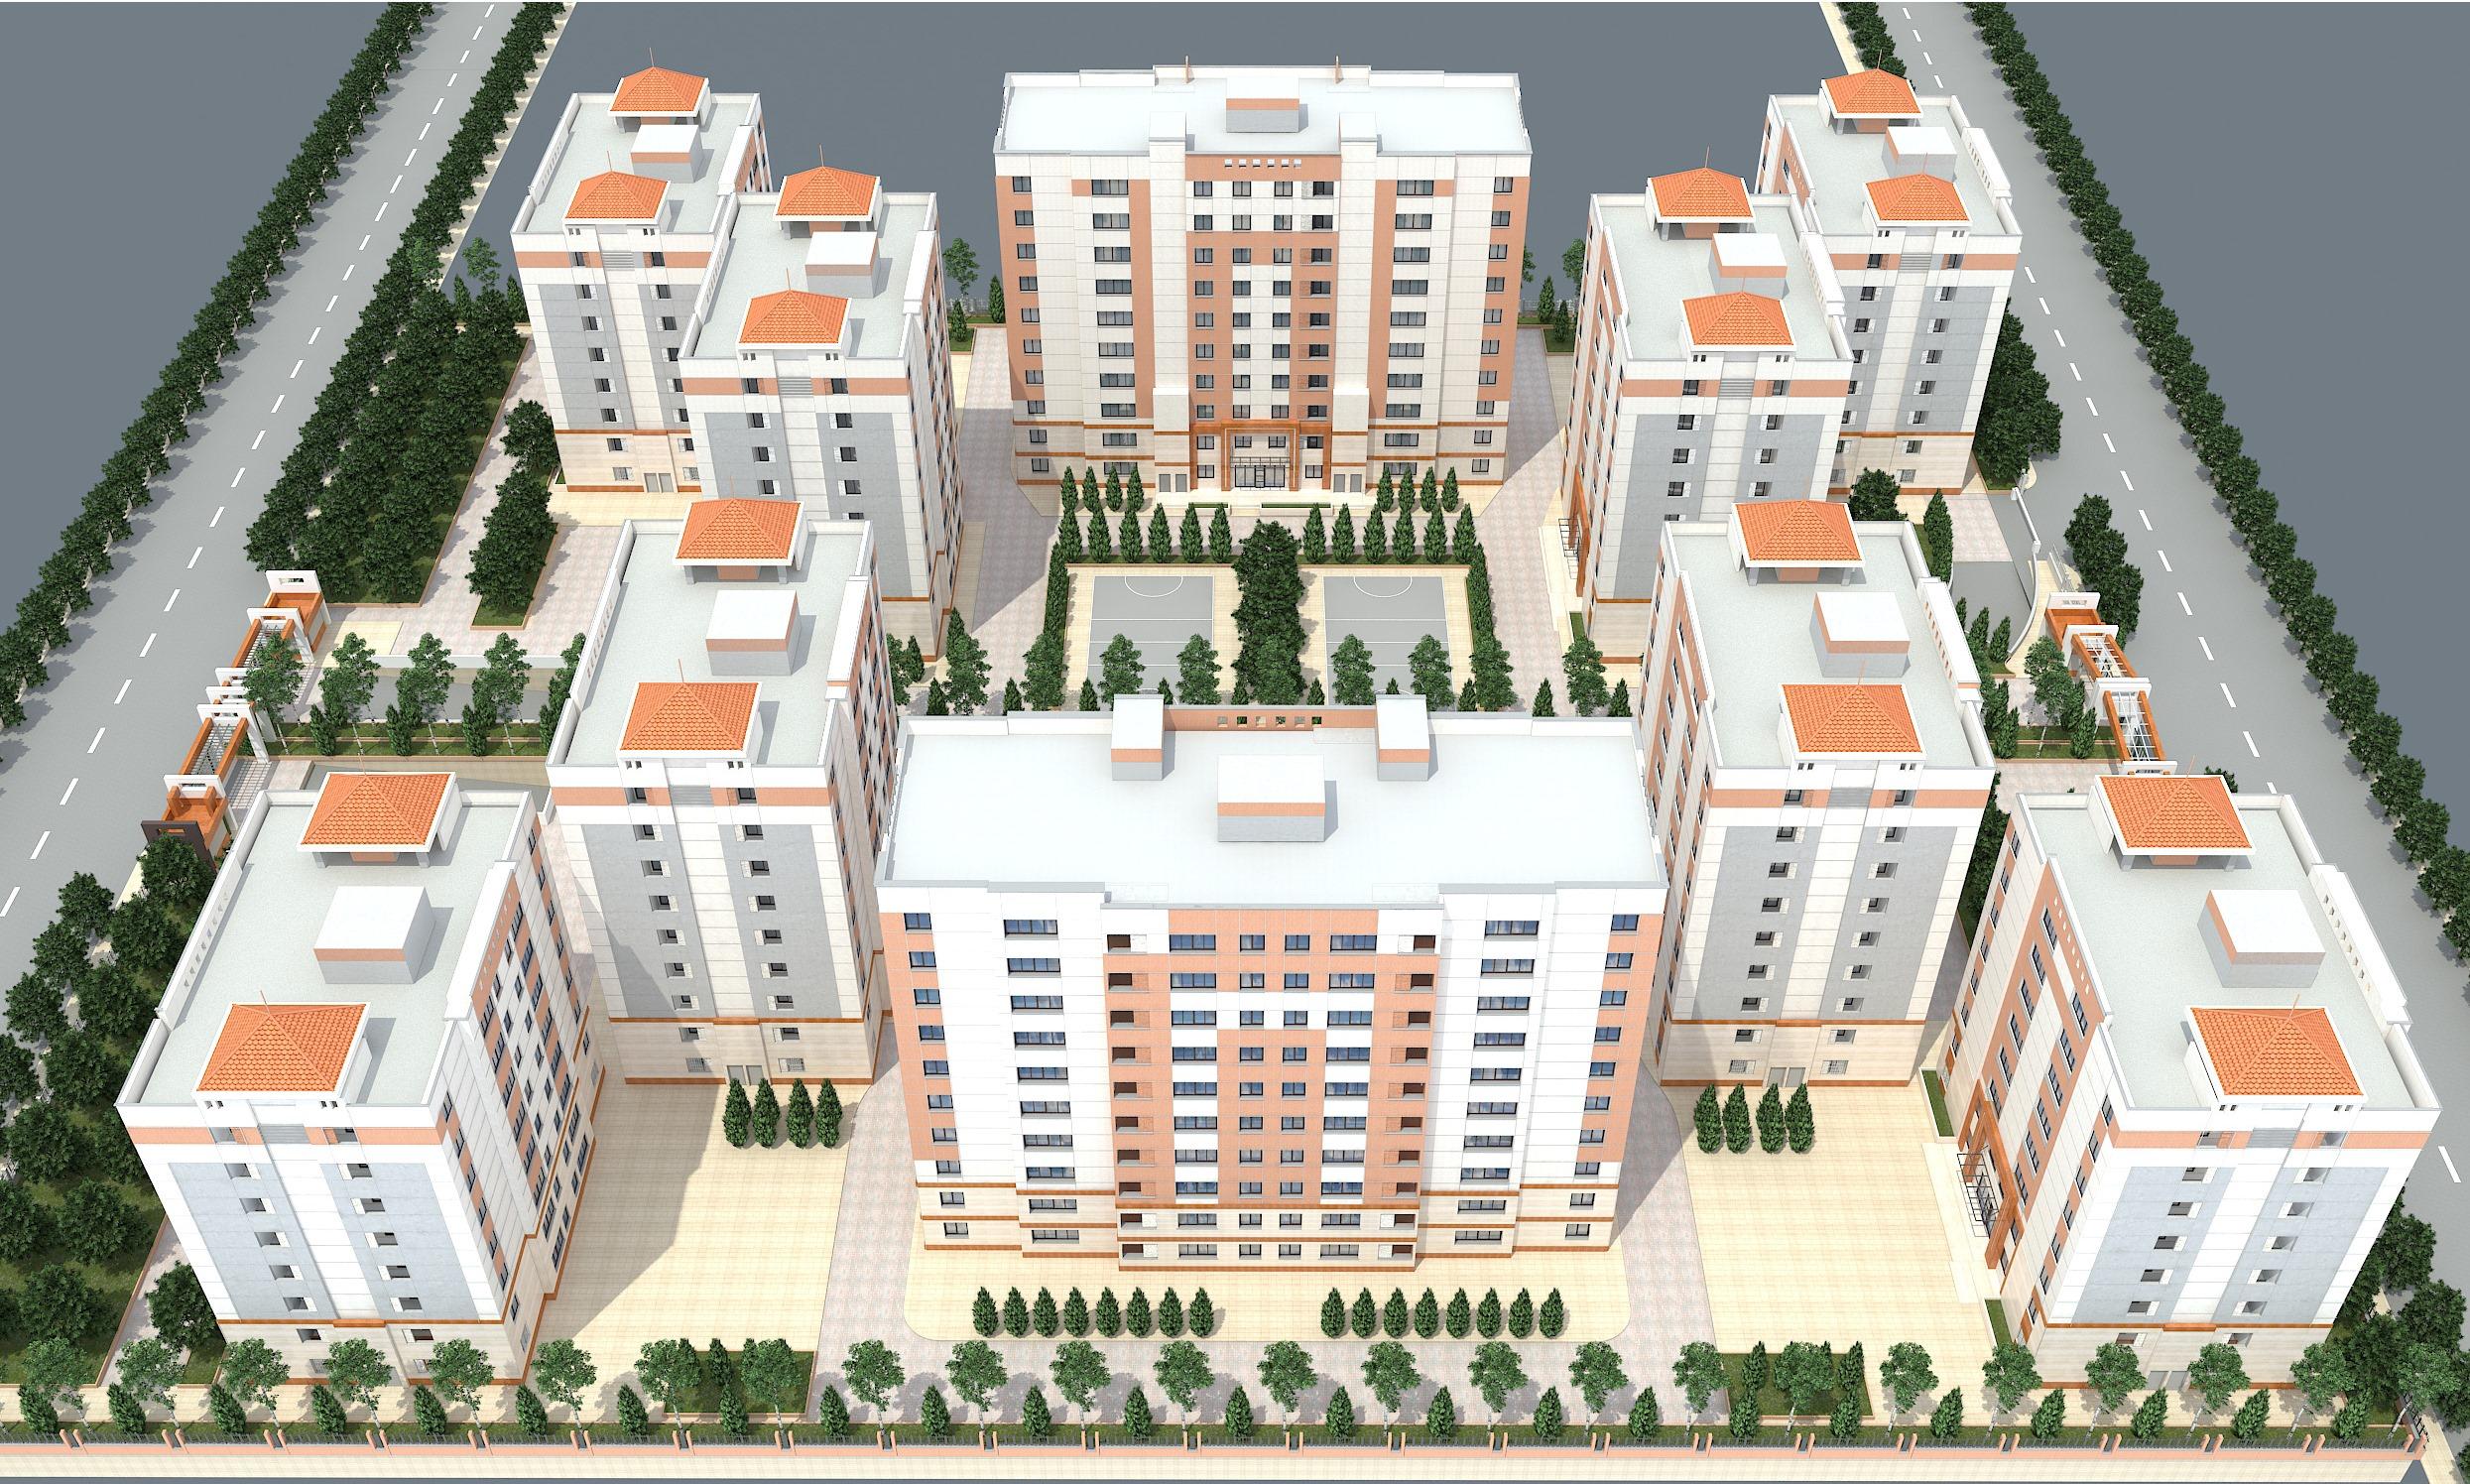 پروژه 197 واحدی مسکونی نسیم مشهد